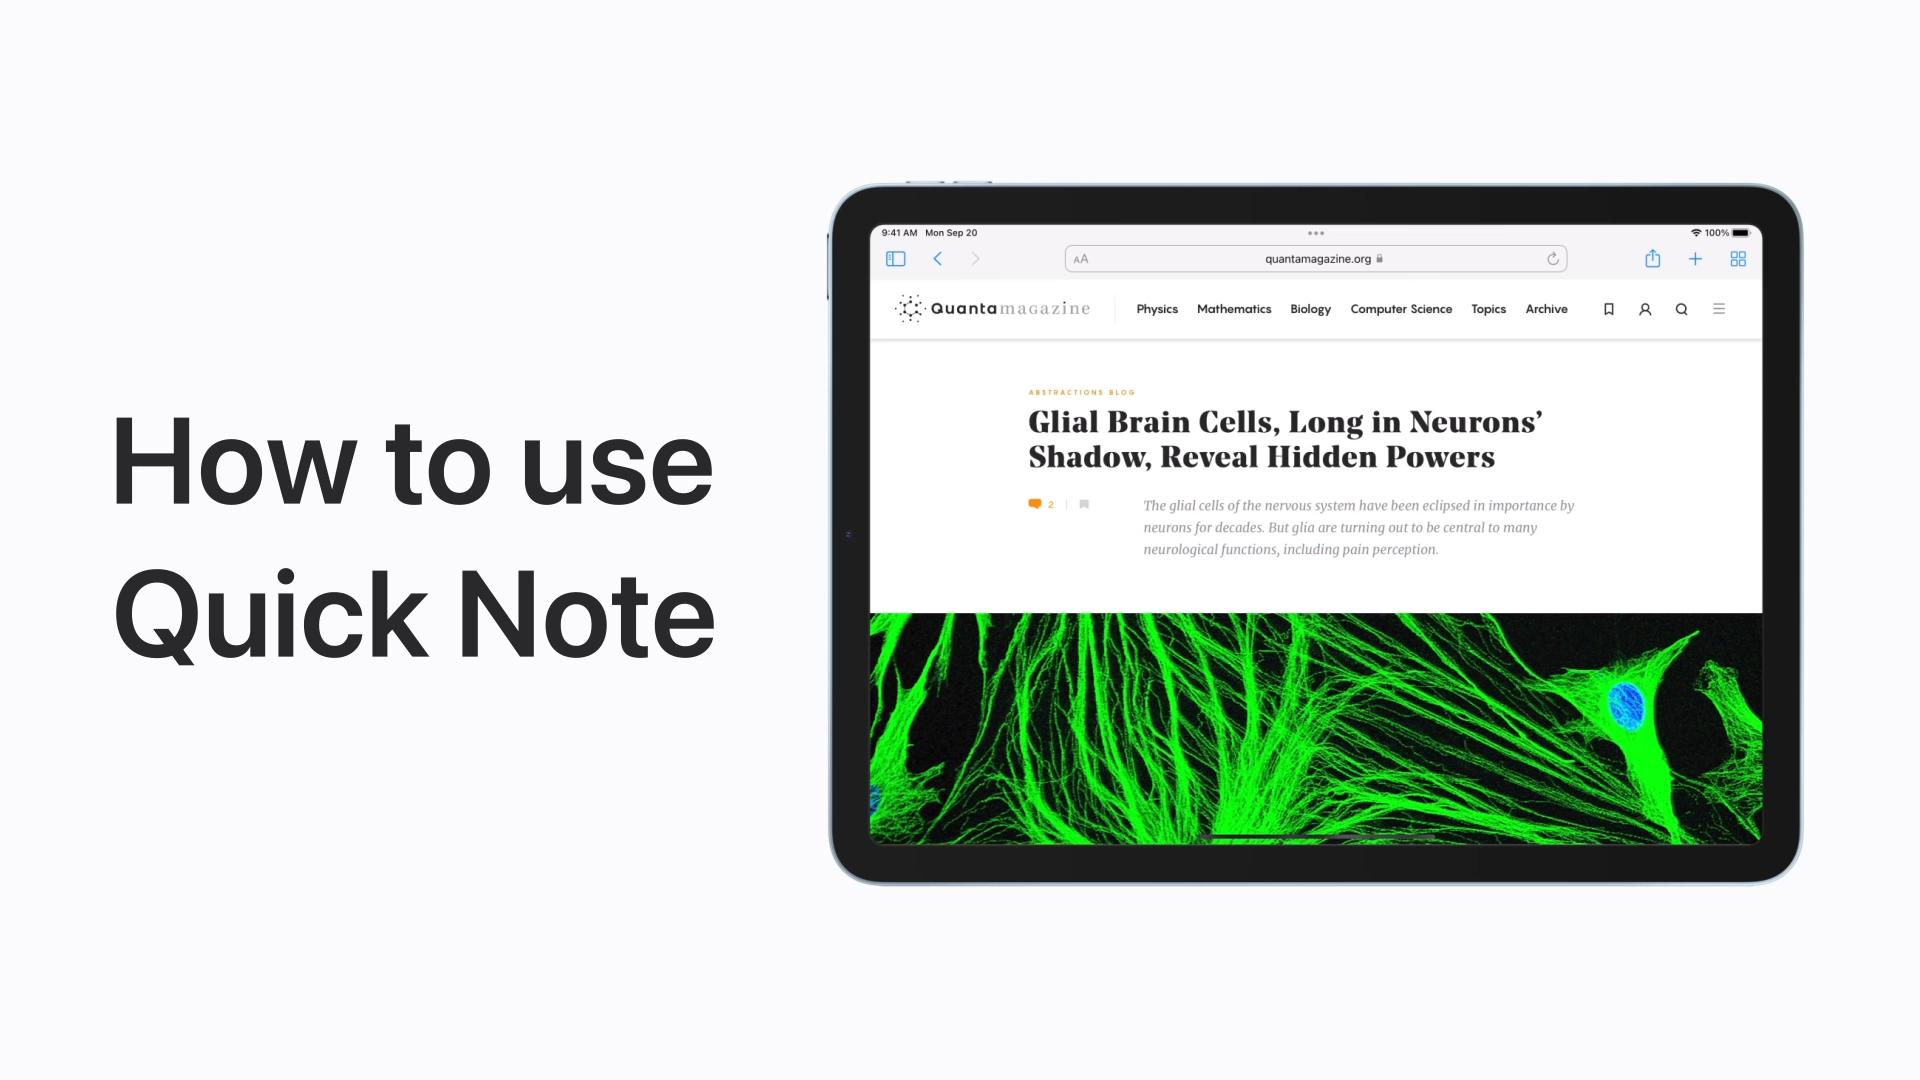 Poradnik Apple: Jak korzystać z szybkich notatek na iPadzie